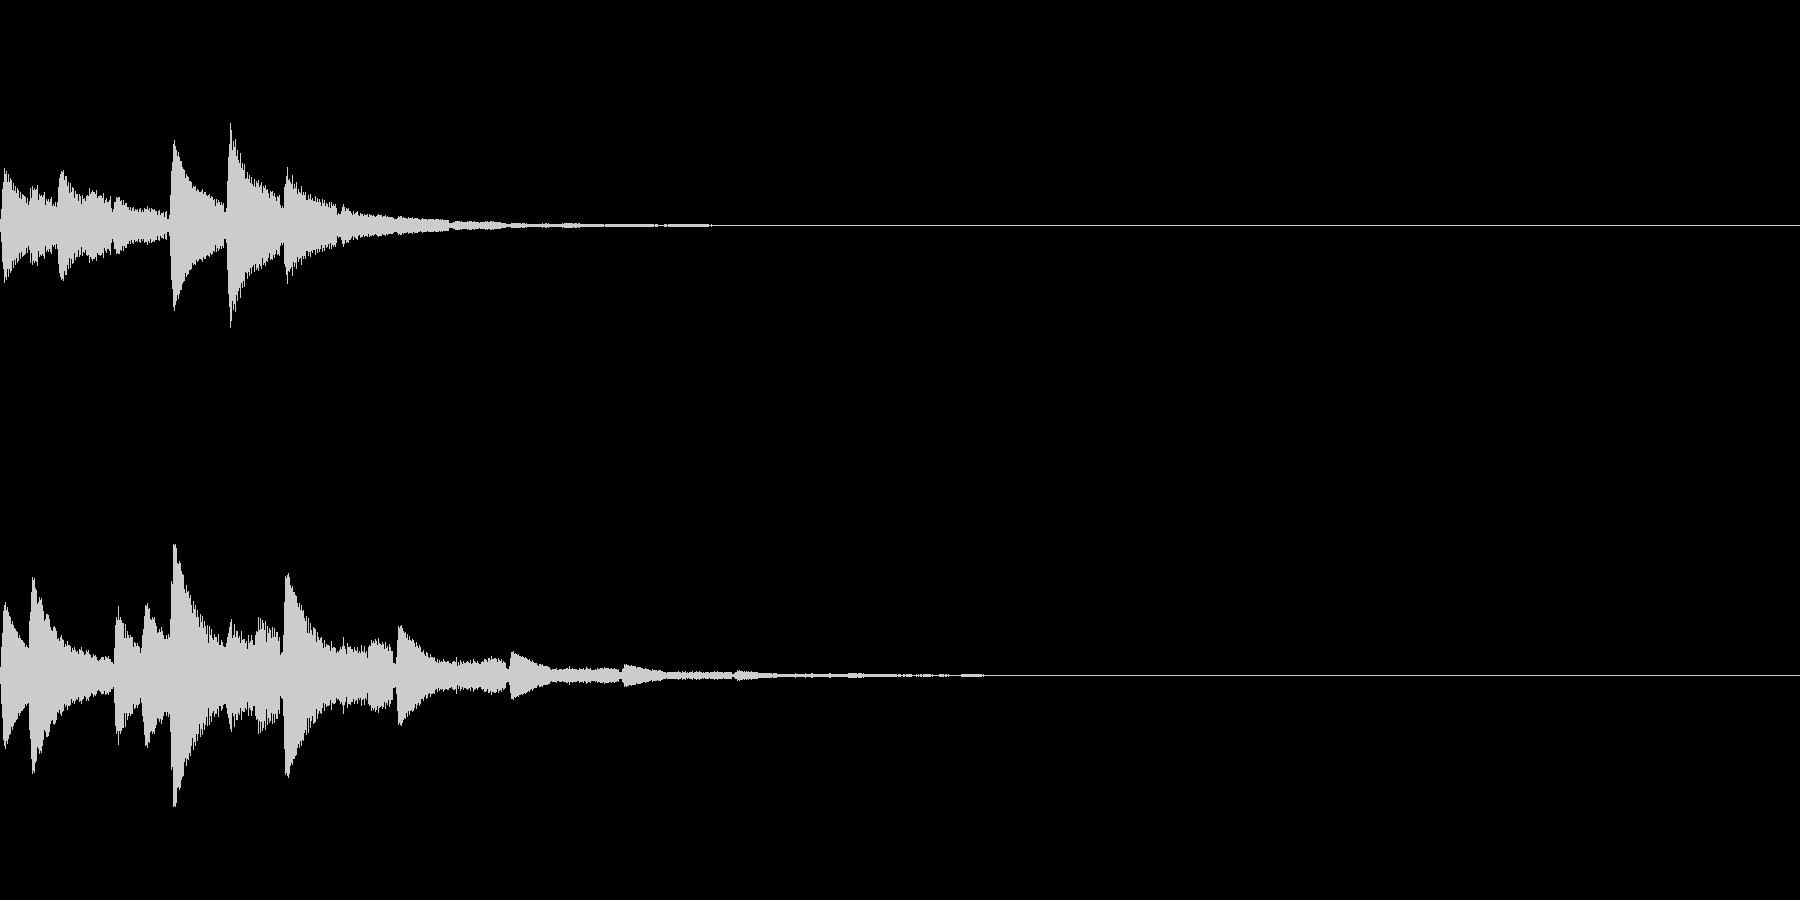 ポロン(癒し系アンビエント/静か/神秘的の未再生の波形